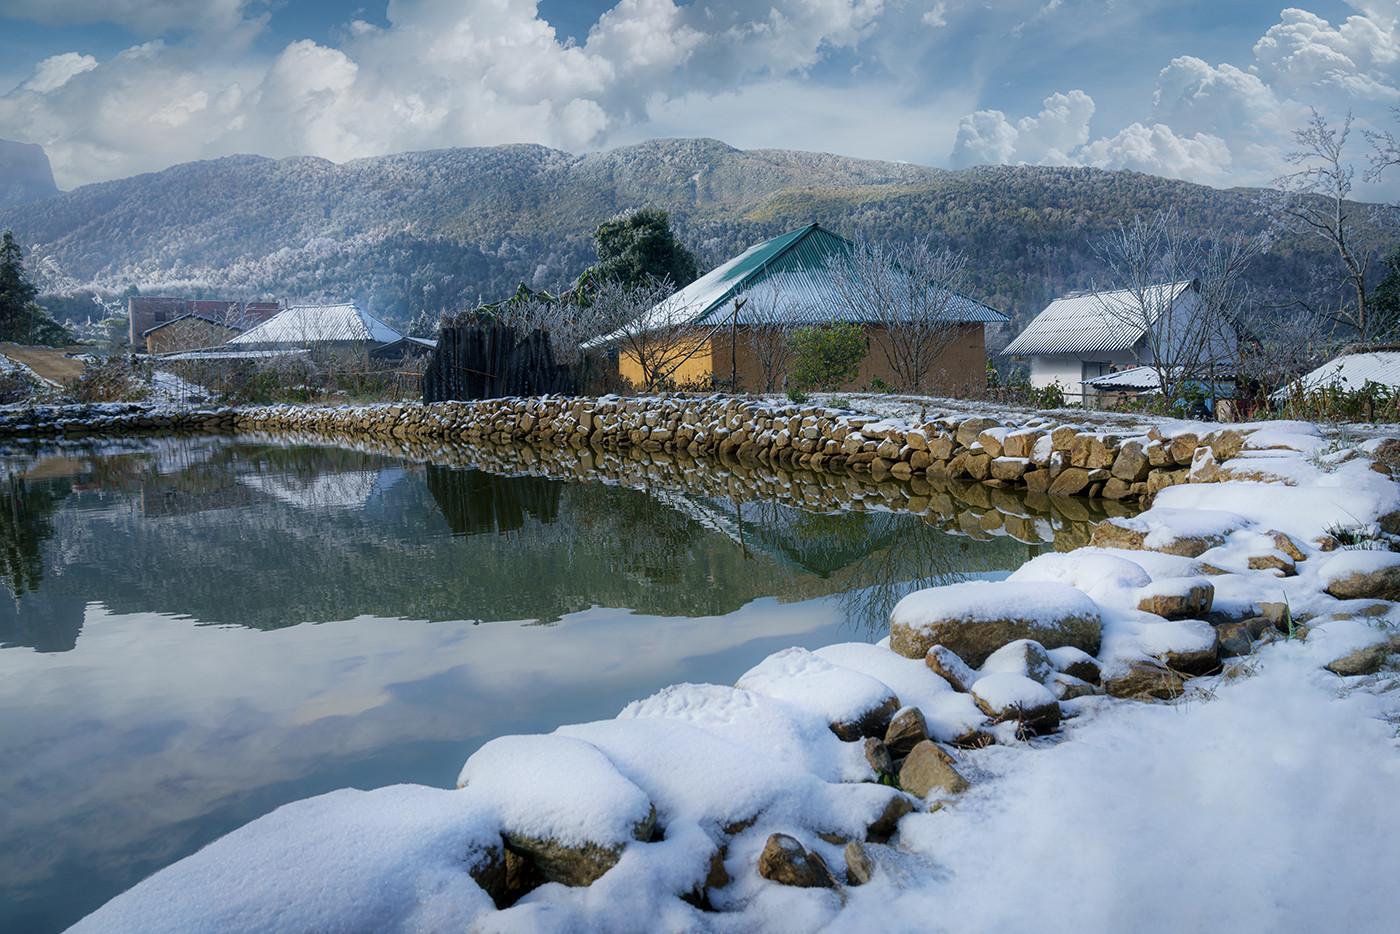 snow-in-northern-village-vietnam